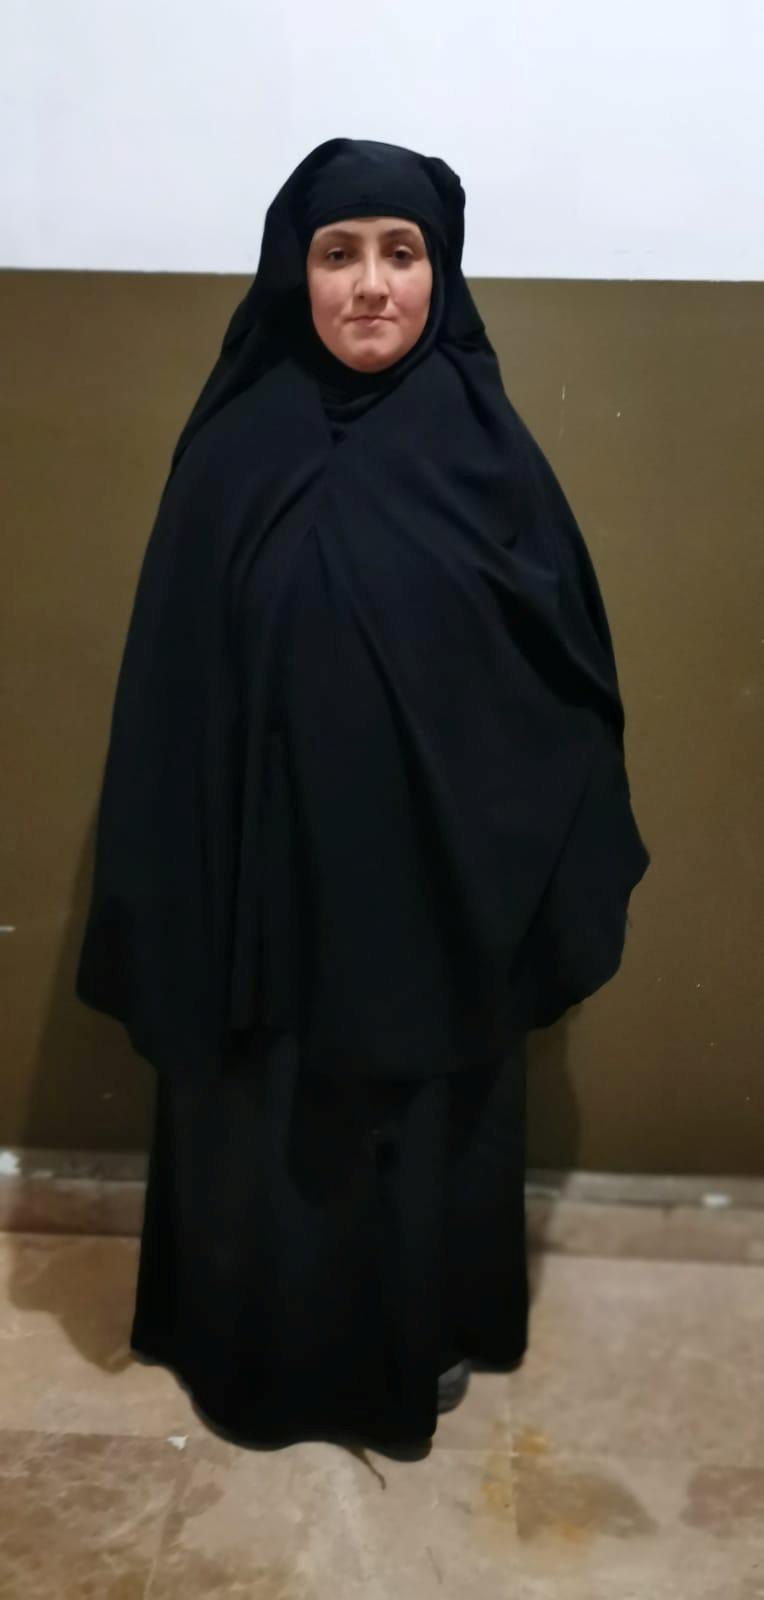 صورة لسيدة يعتقد أنها زوجة ابن رسمية عواد شقيقة البغدادي